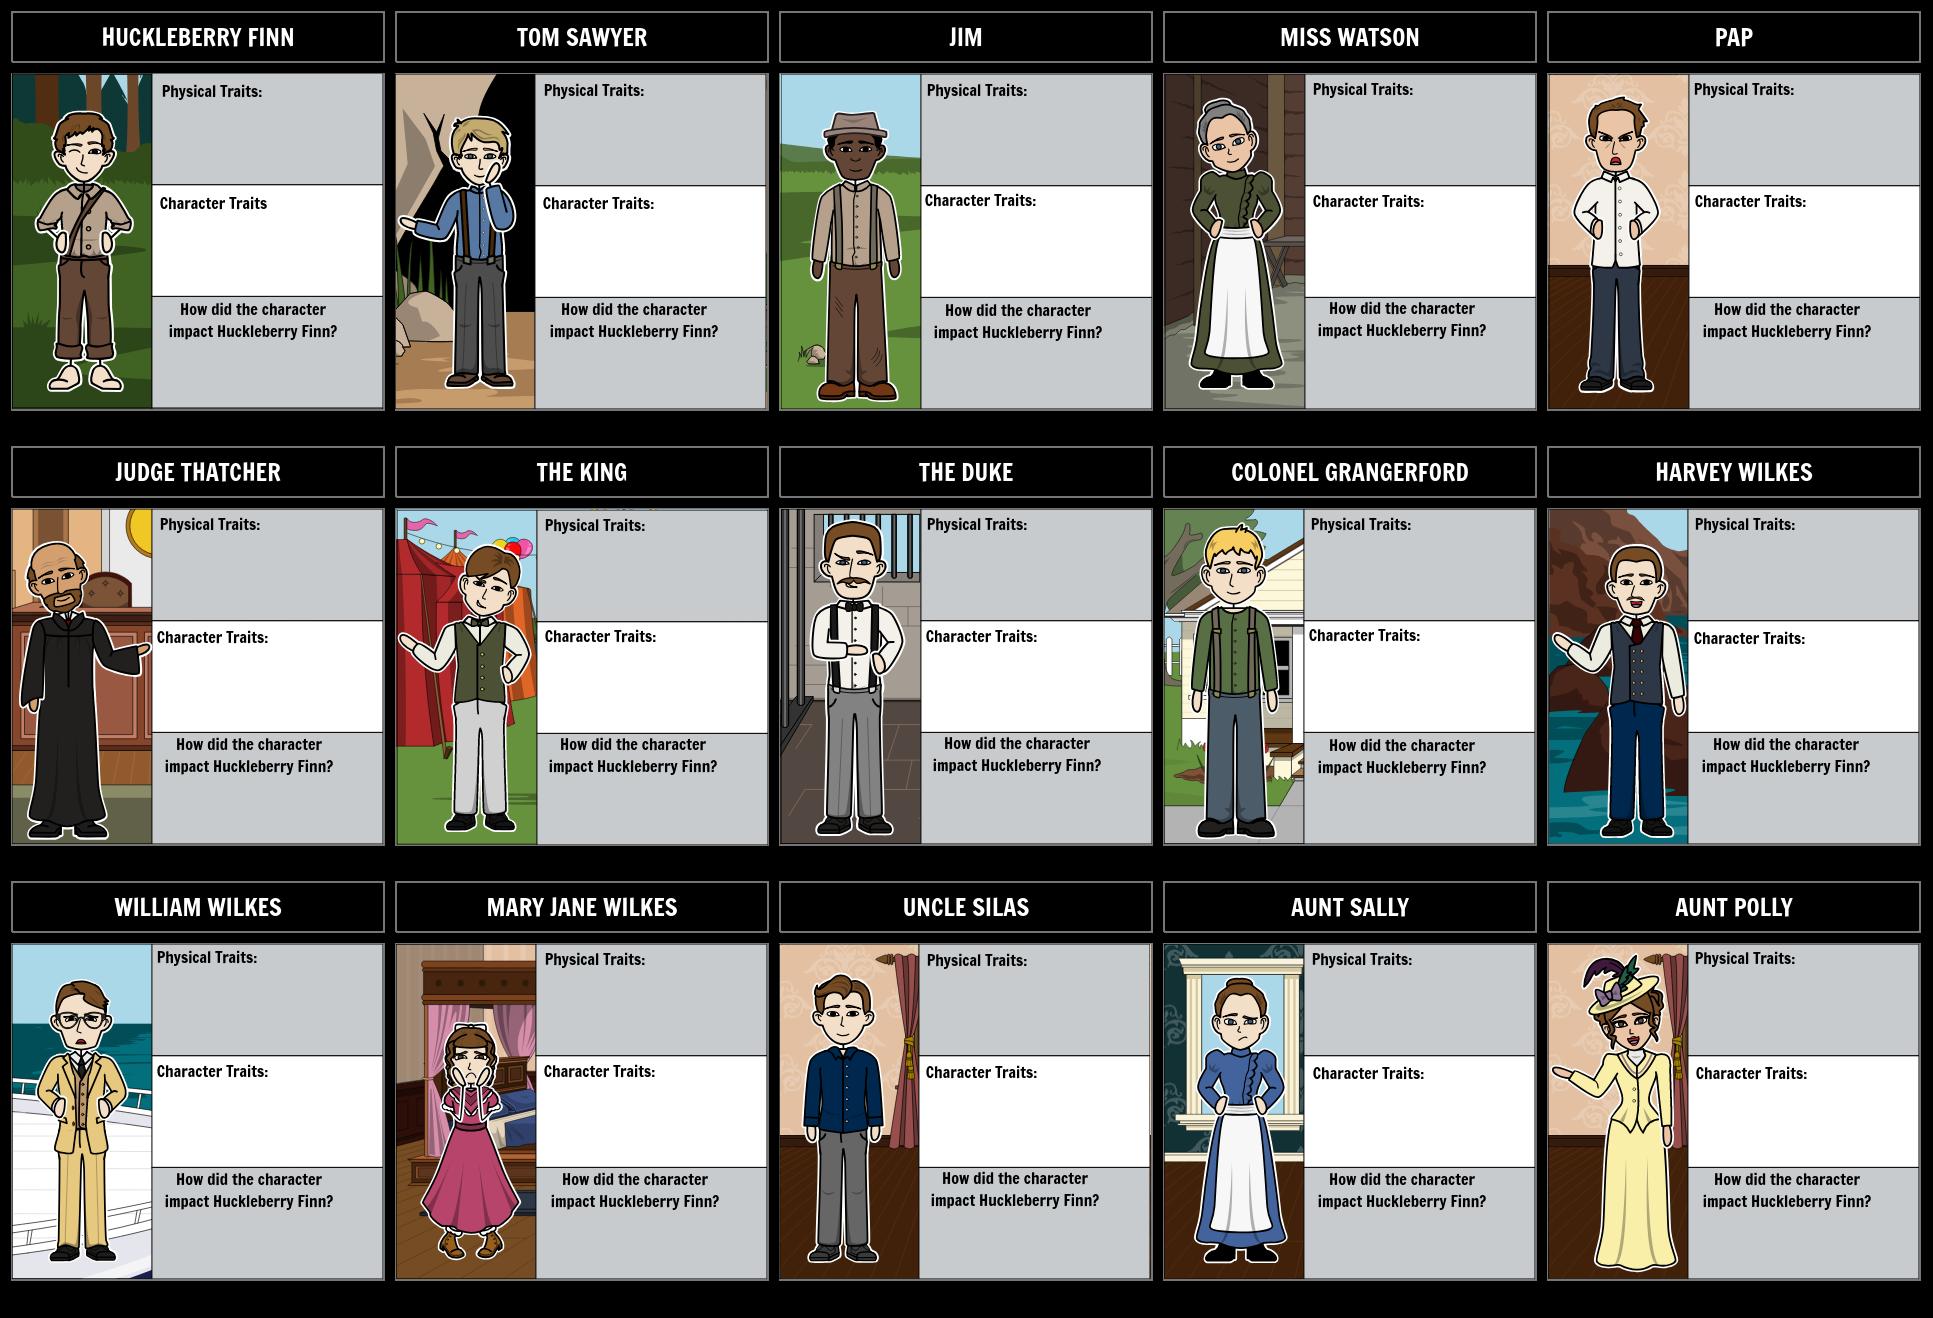 The Adventures of Huckleberry Finn Summary | Huck Finn Lesson Plan